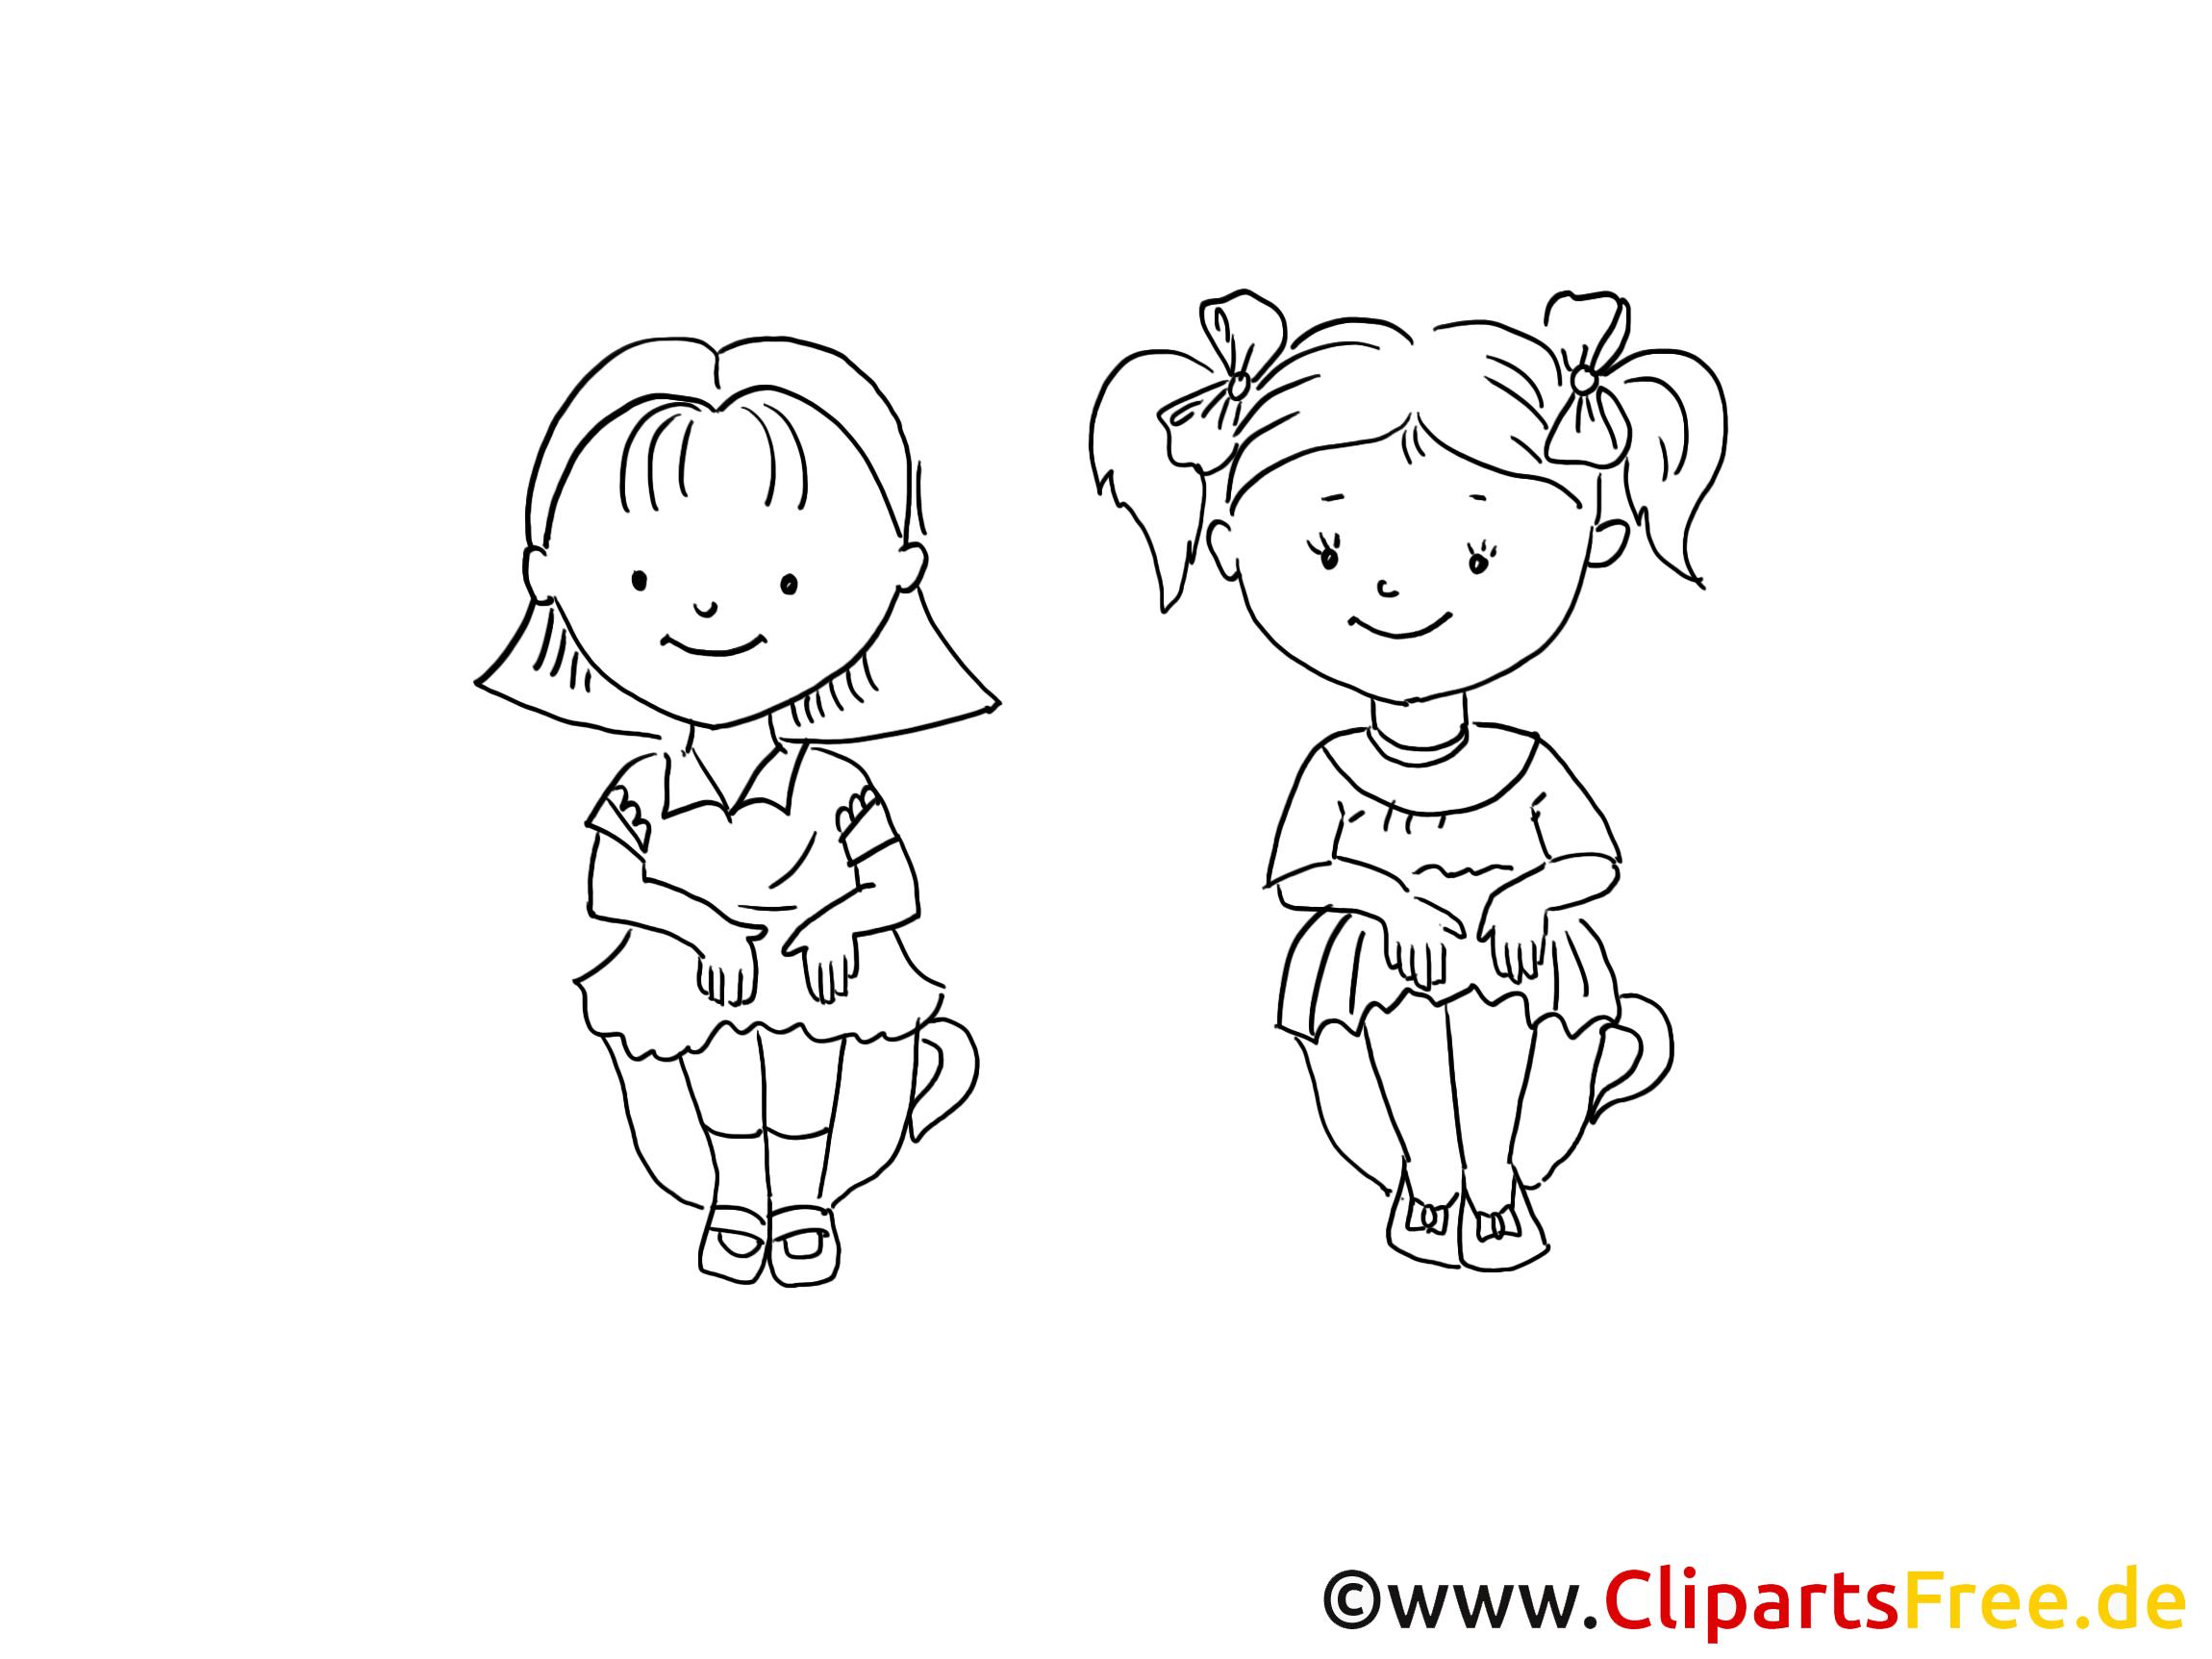 Kinder sitzen im kreis clipart  Kinder sitzen auf Toepfchen Zeichnung, Bild schwarz-weiss, Clipart ...